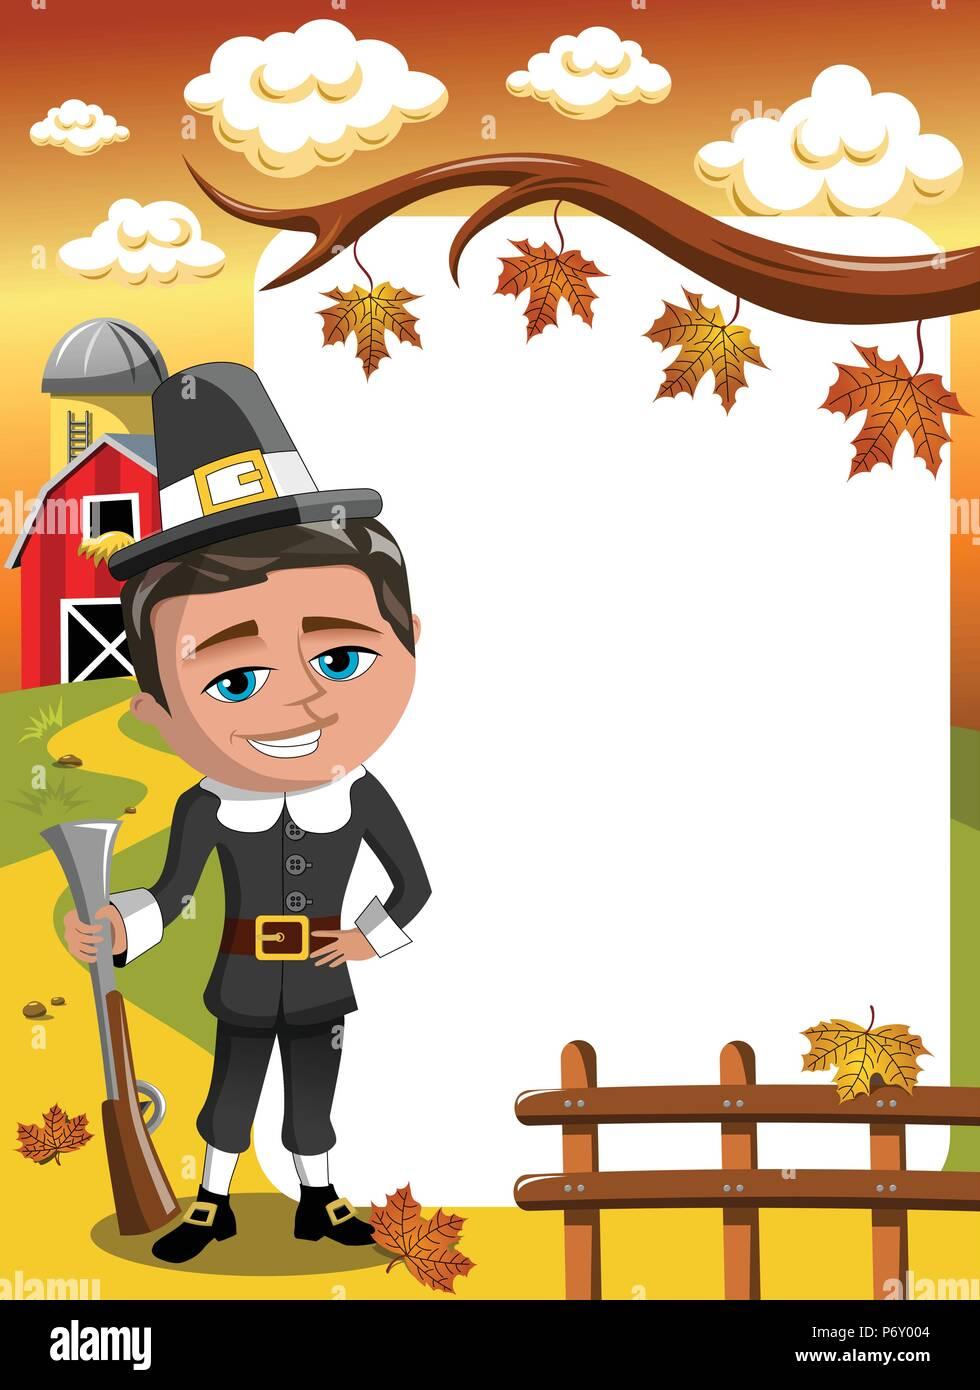 Thanksgiving Day senkrechten Rahmen pilgrim Jäger mit Gewehr posing Stockbild